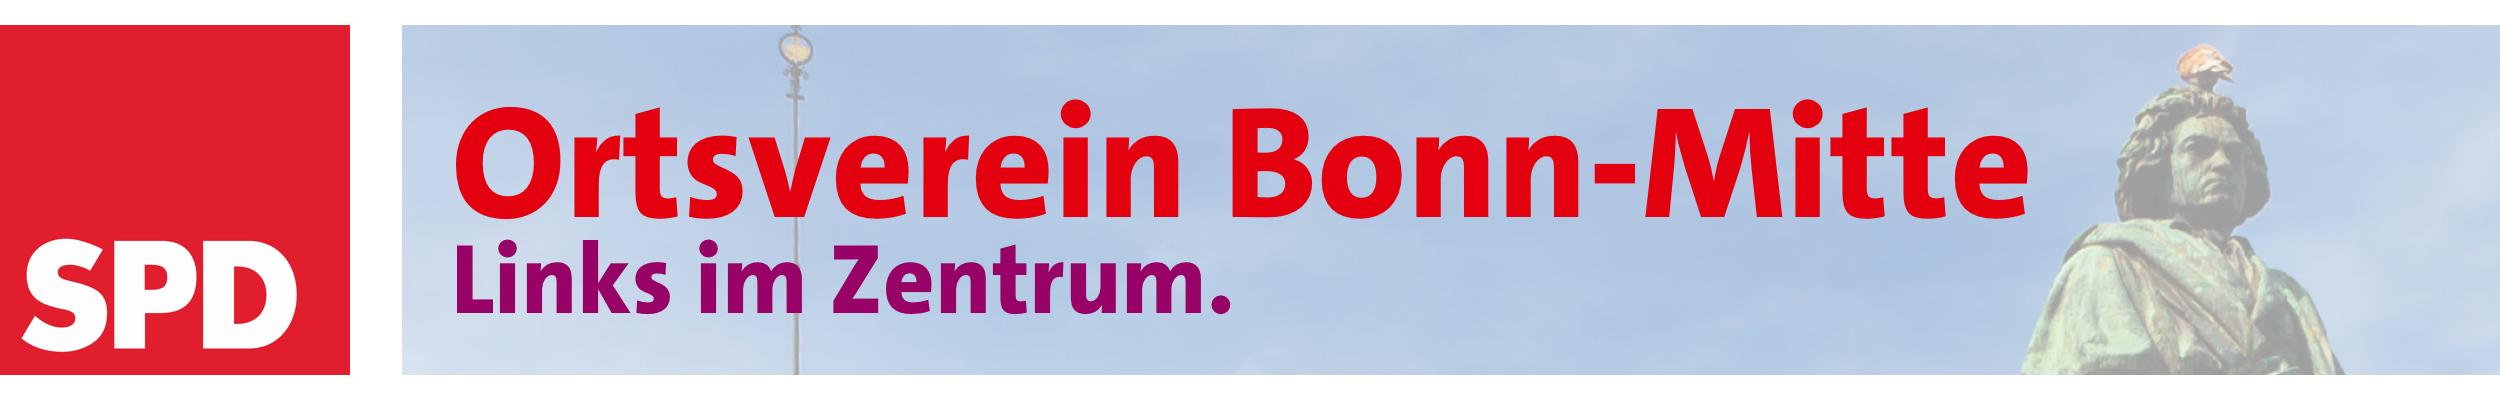 SPD Bonn-Mitte